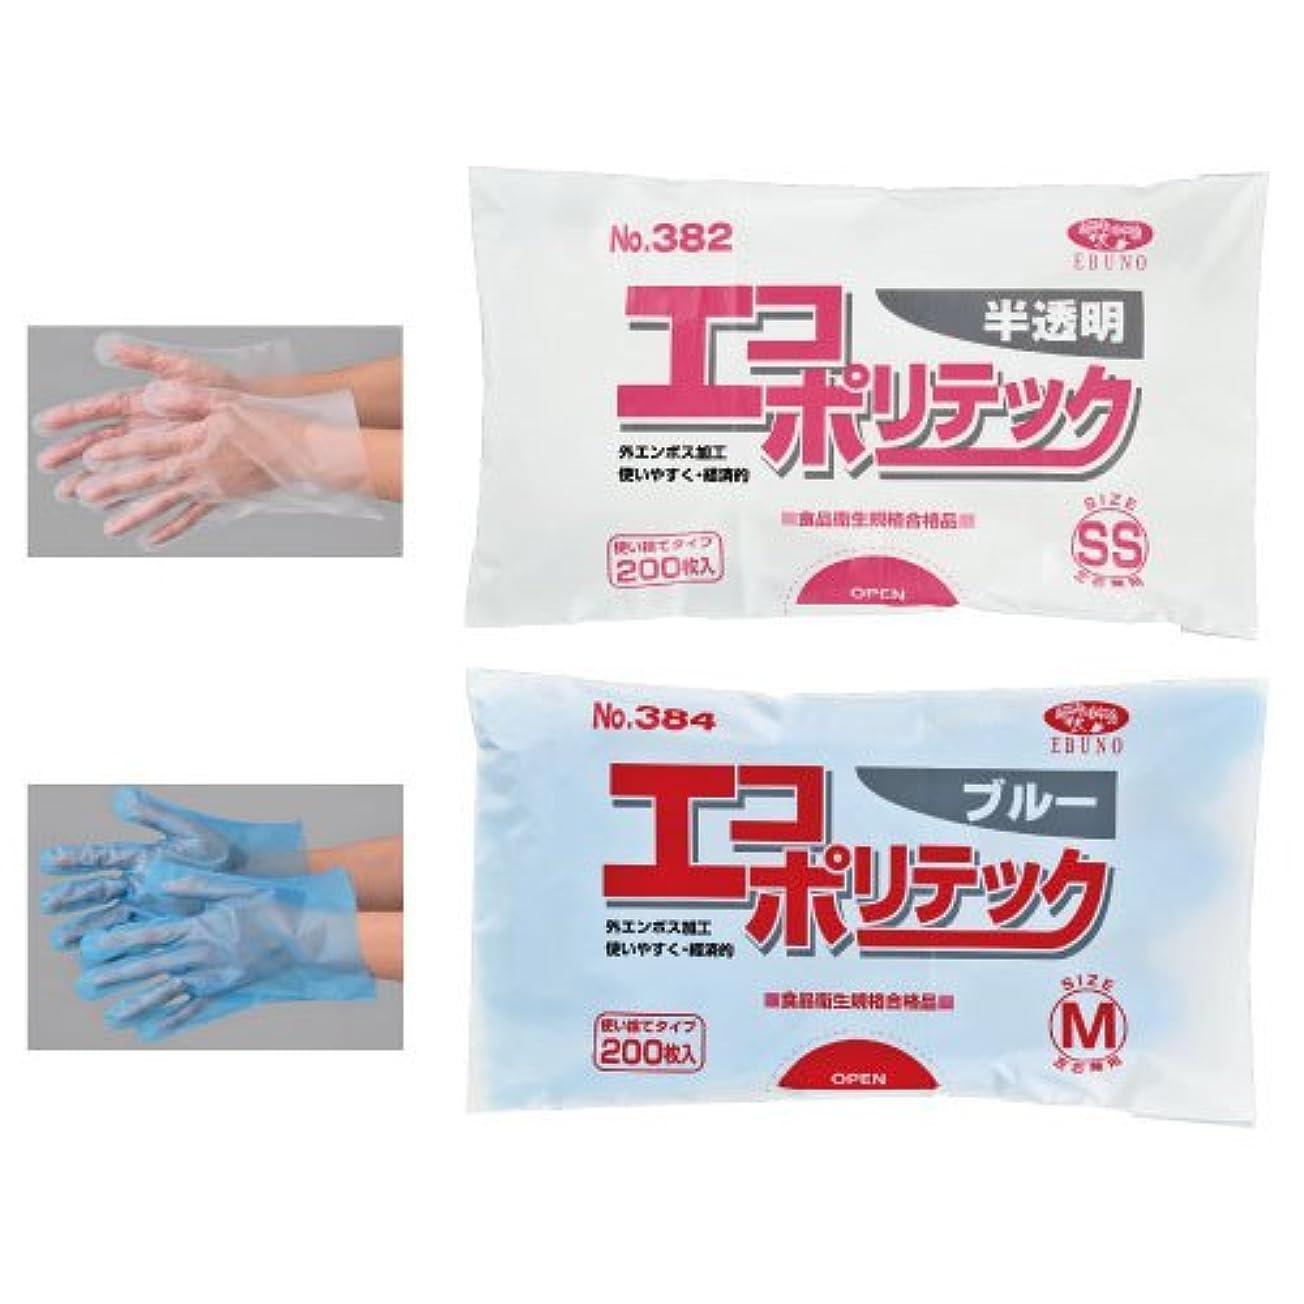 忍耐王女自我エブノ ポリエチレン手袋 No.382 S 半透明 (200枚×30袋) エコポリテック 袋入